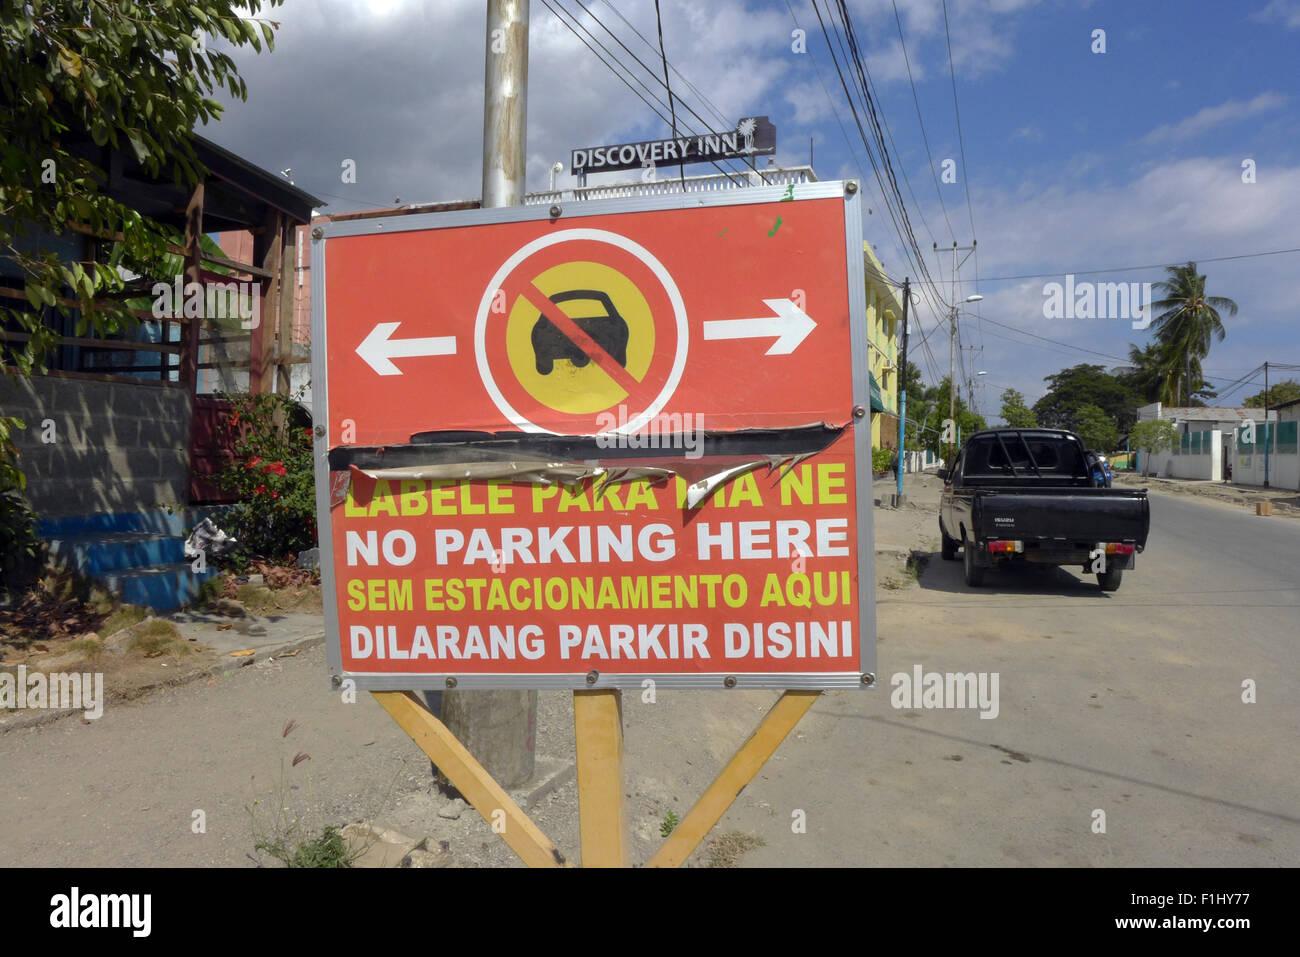 No Parking sign en quatre langues sur une rue à Dili, Timor Leste Banque D'Images